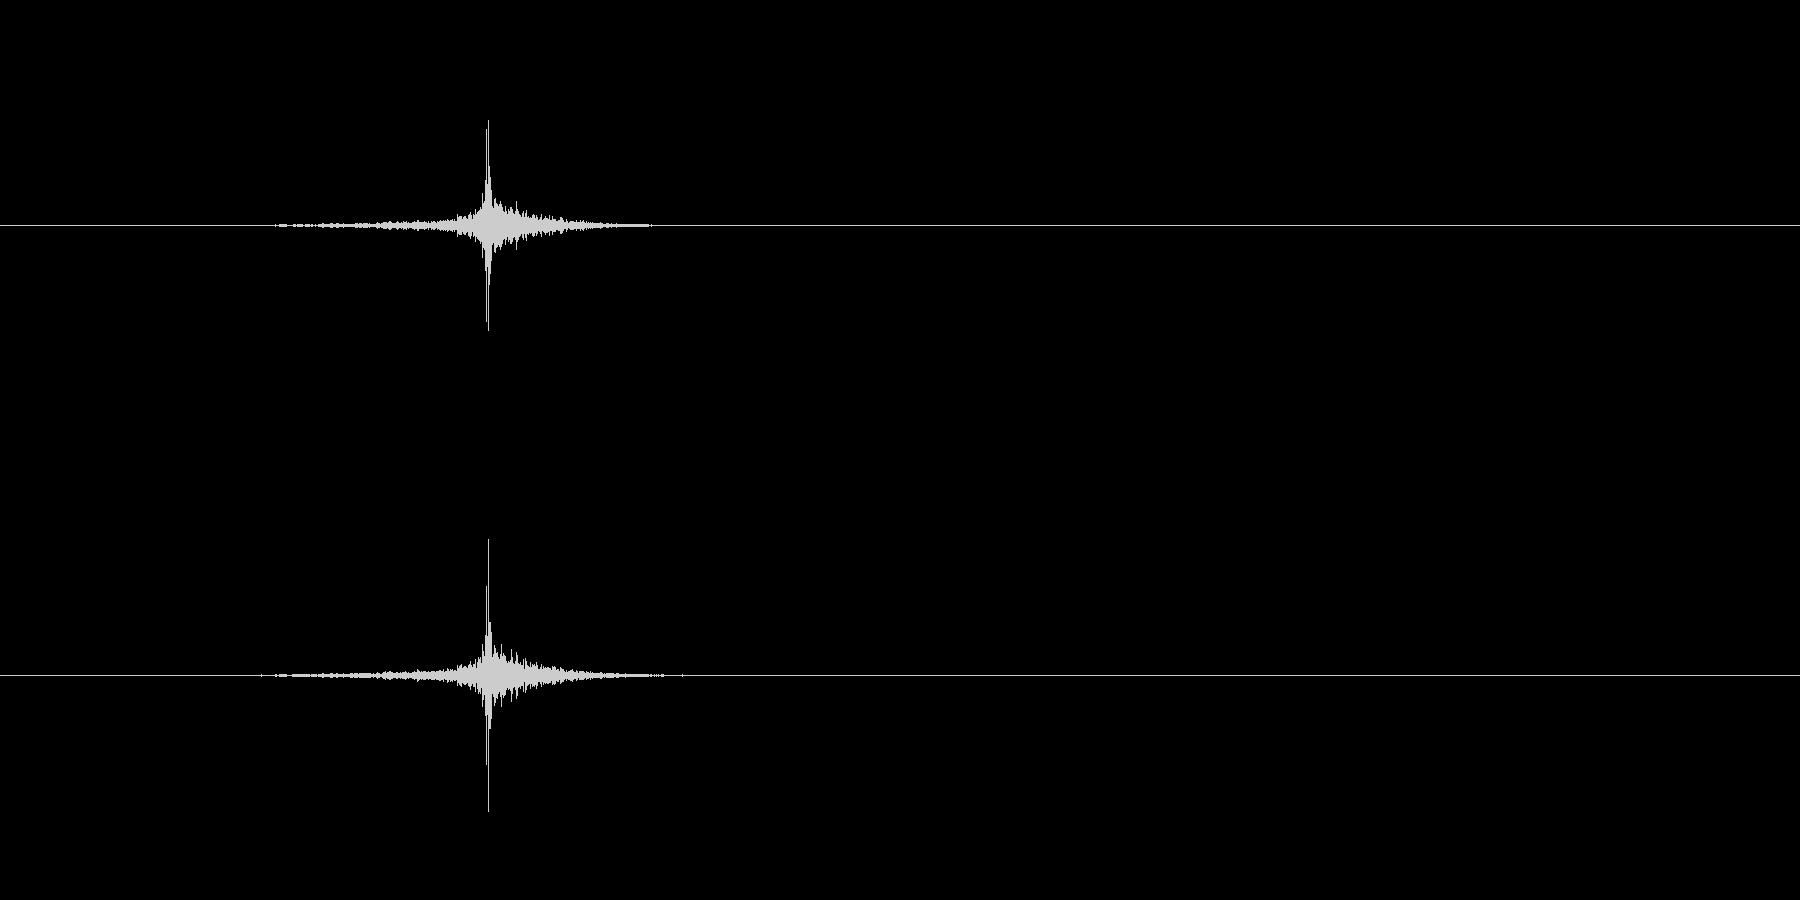 [生録音]ハサミで紙を切る音の未再生の波形